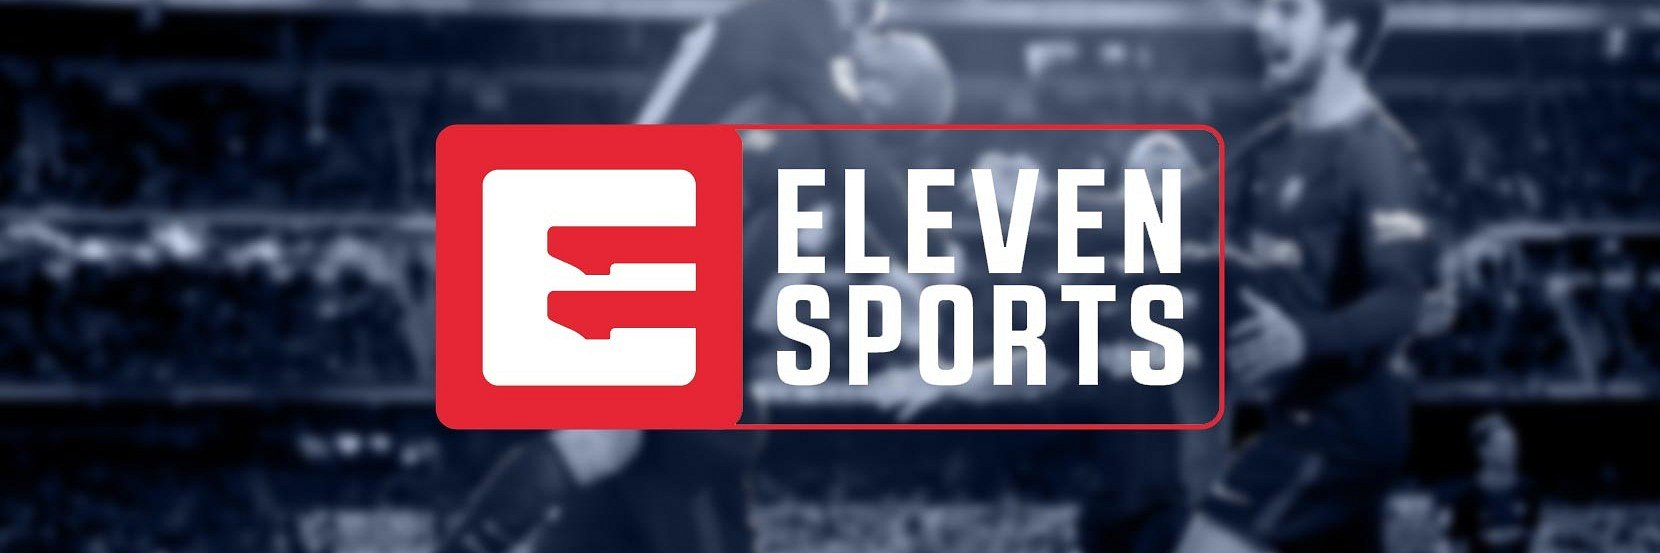 Atualização: Grelha de programação Eleven Sports - 27 de maio a 2 de junho